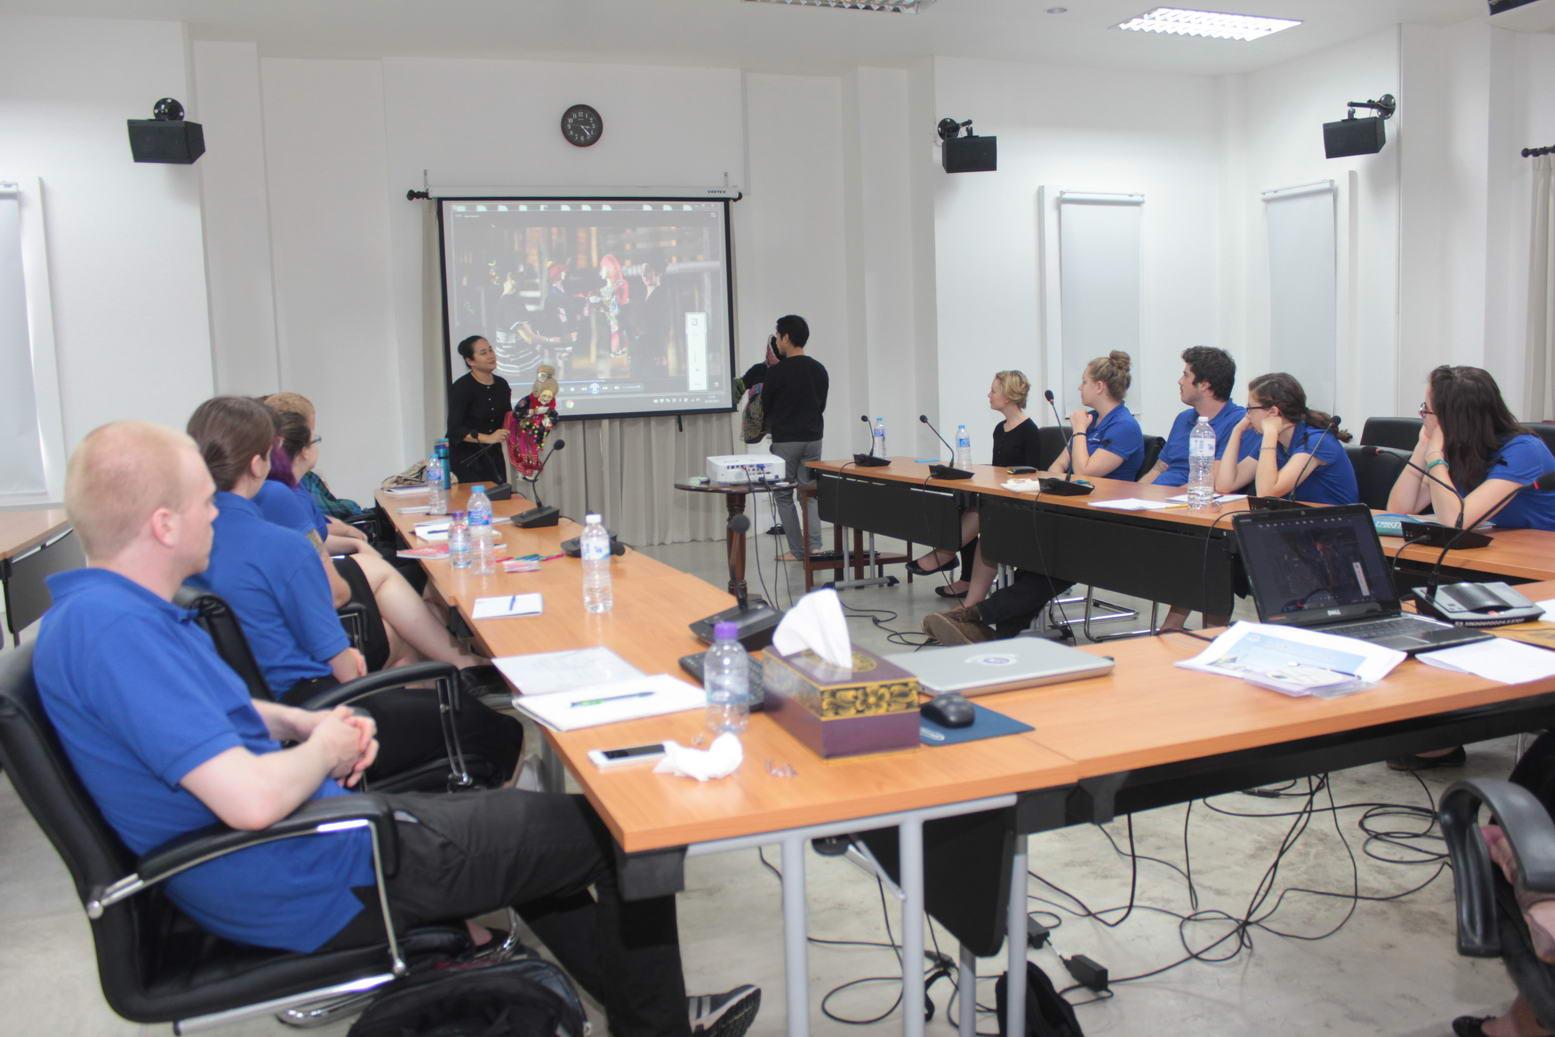 ผู้อำนวยการสำนักส่งเสริมศิลปวัฒนธรรม ให้เกียรติเป็นวิทยากรบรรยายในโครงการ SSU SE Asia Abroad-Fall 2016